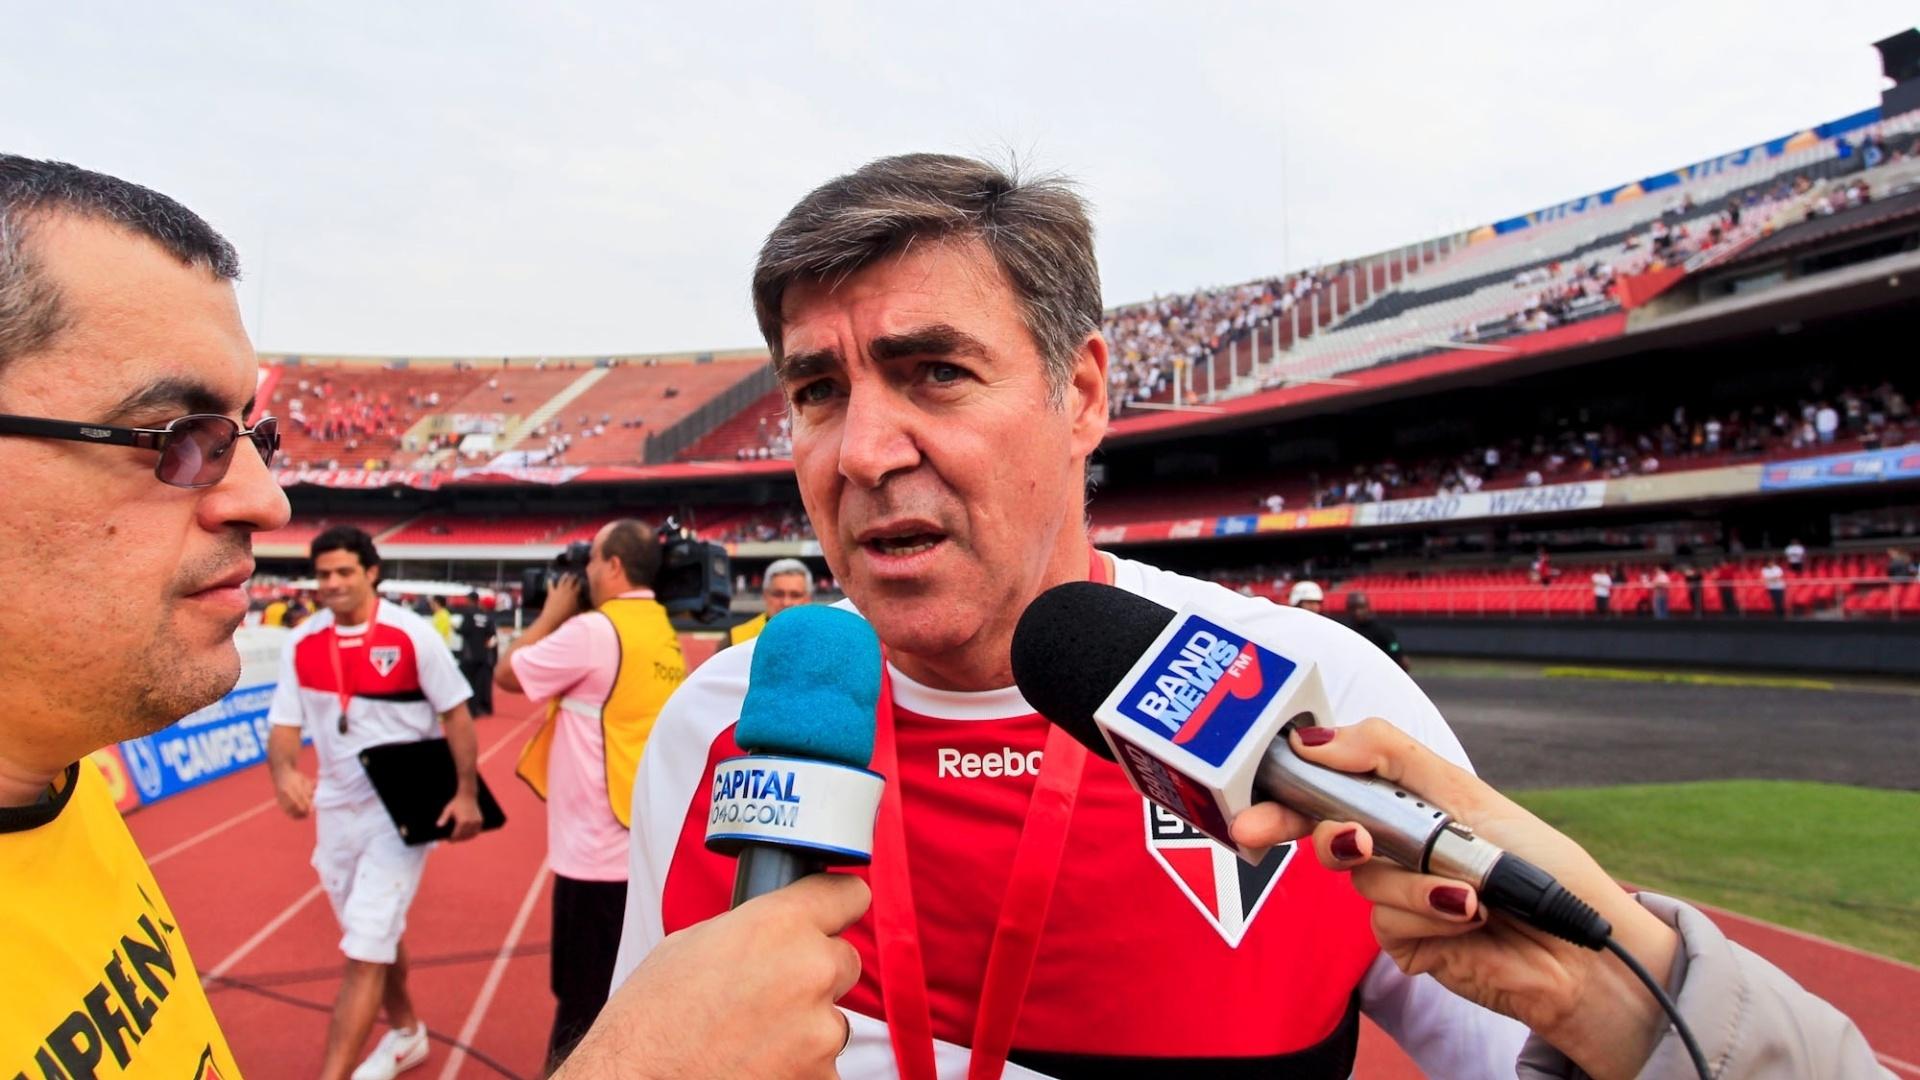 Zetti, goleiro campeão da Libertadores pelo São Paulo em 1992, foi pego nas eliminatórias da Copa de 1994 com cocaína no sangue. Ele alegou que tomou chá de coca na Bolívia